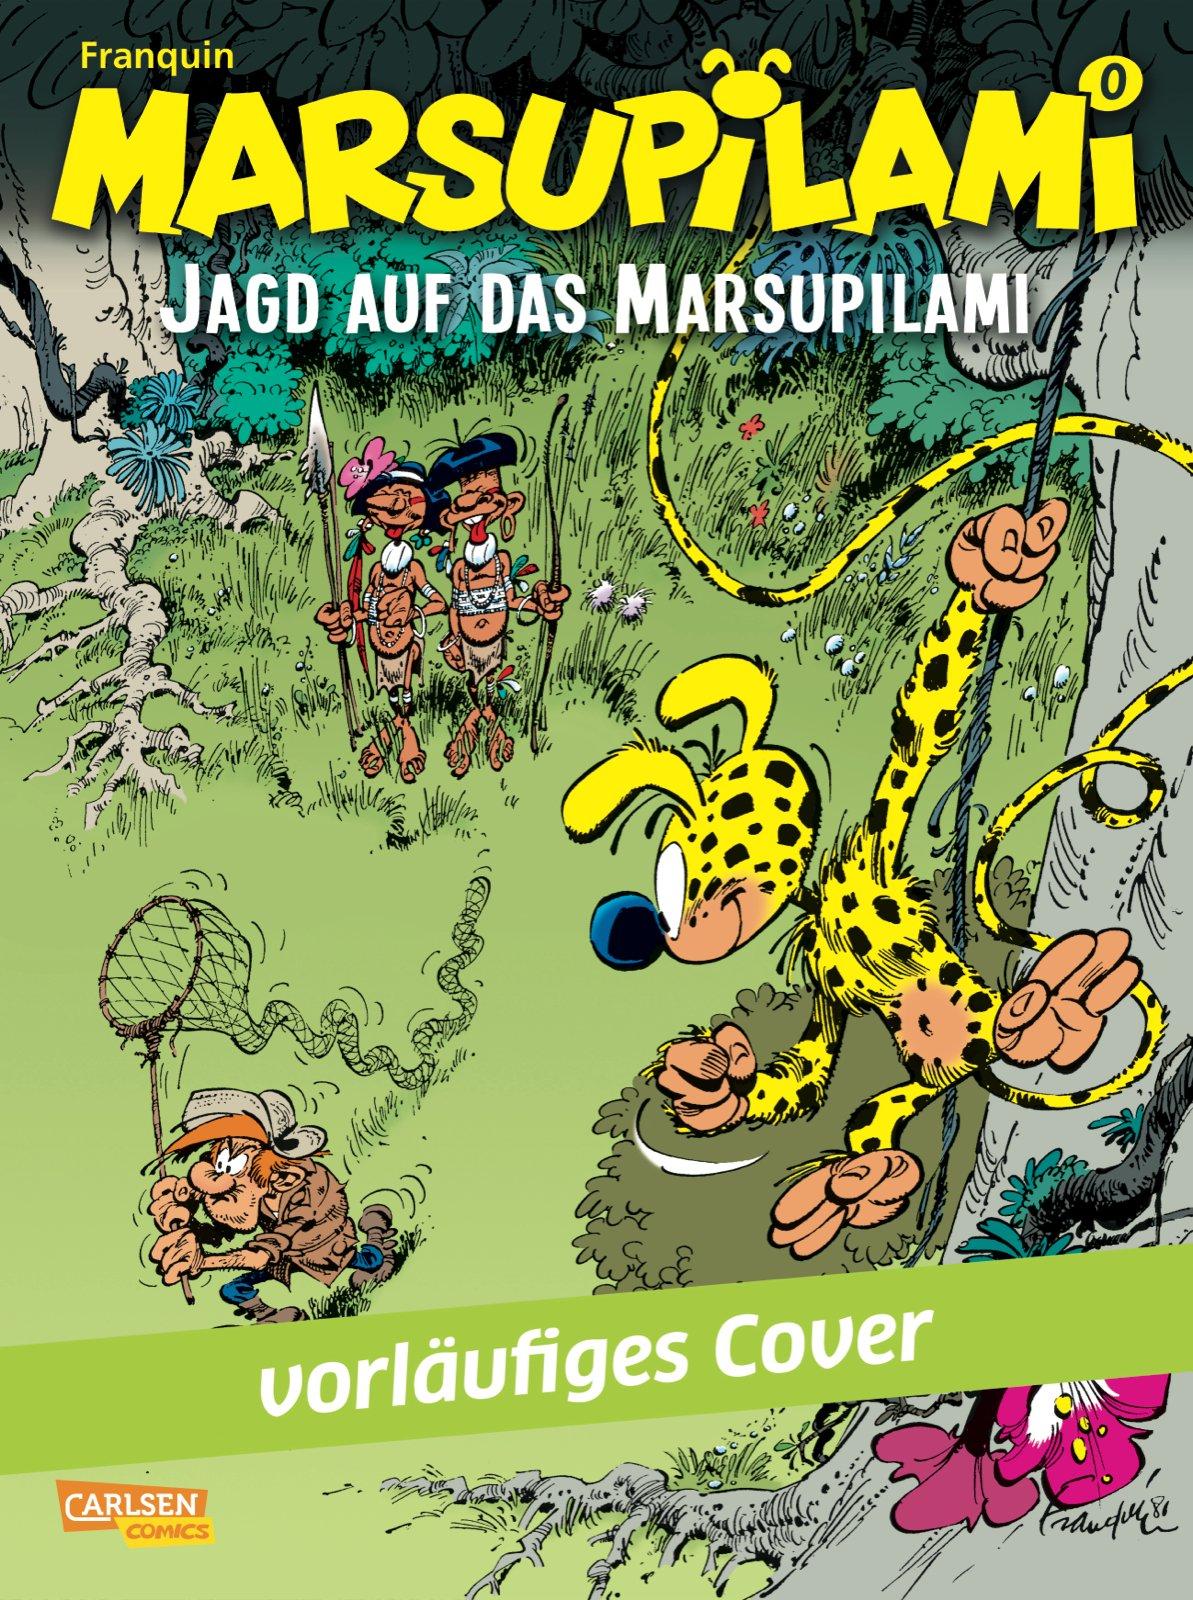 marsupilami-0-jagd-auf-das-marsupilami